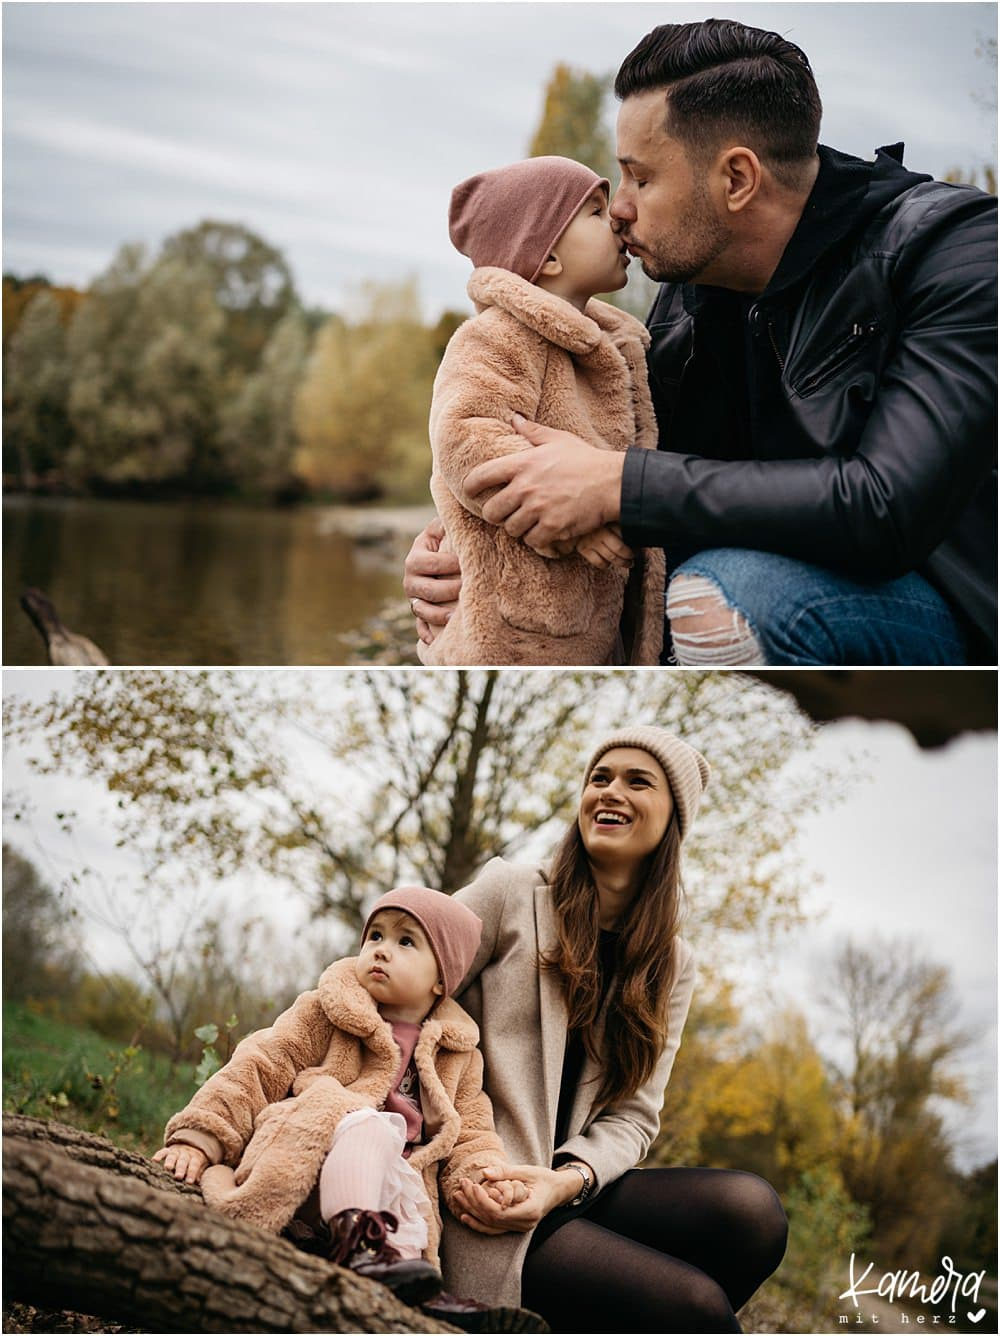 Familienfotos im Herbst in Köln